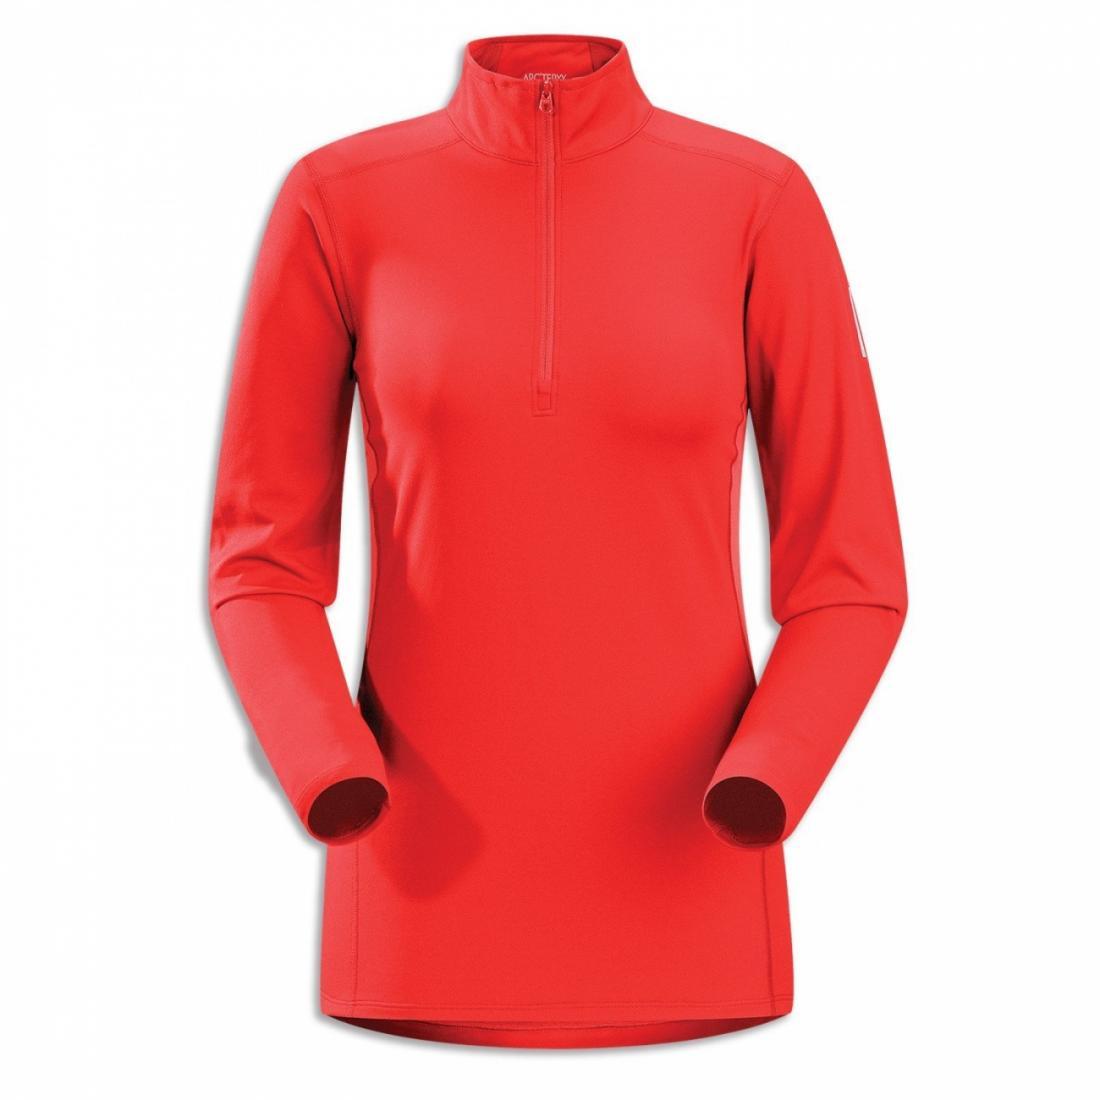 Термобелье футболка Phase AR Zip Neck жен. длин.рукавФутболки<br><br> Футболка-термобелье с длинными рукавами Arcteryx Phase AR для женщин используется в качестве дополнительного утепляющего слоя в морозную погоду. Оно отлично сохраняет тепло, отводит лишнюю влагу с поверхности кожи и дарит комфорт благодаря анатомич...<br><br>Цвет: Красный<br>Размер: M